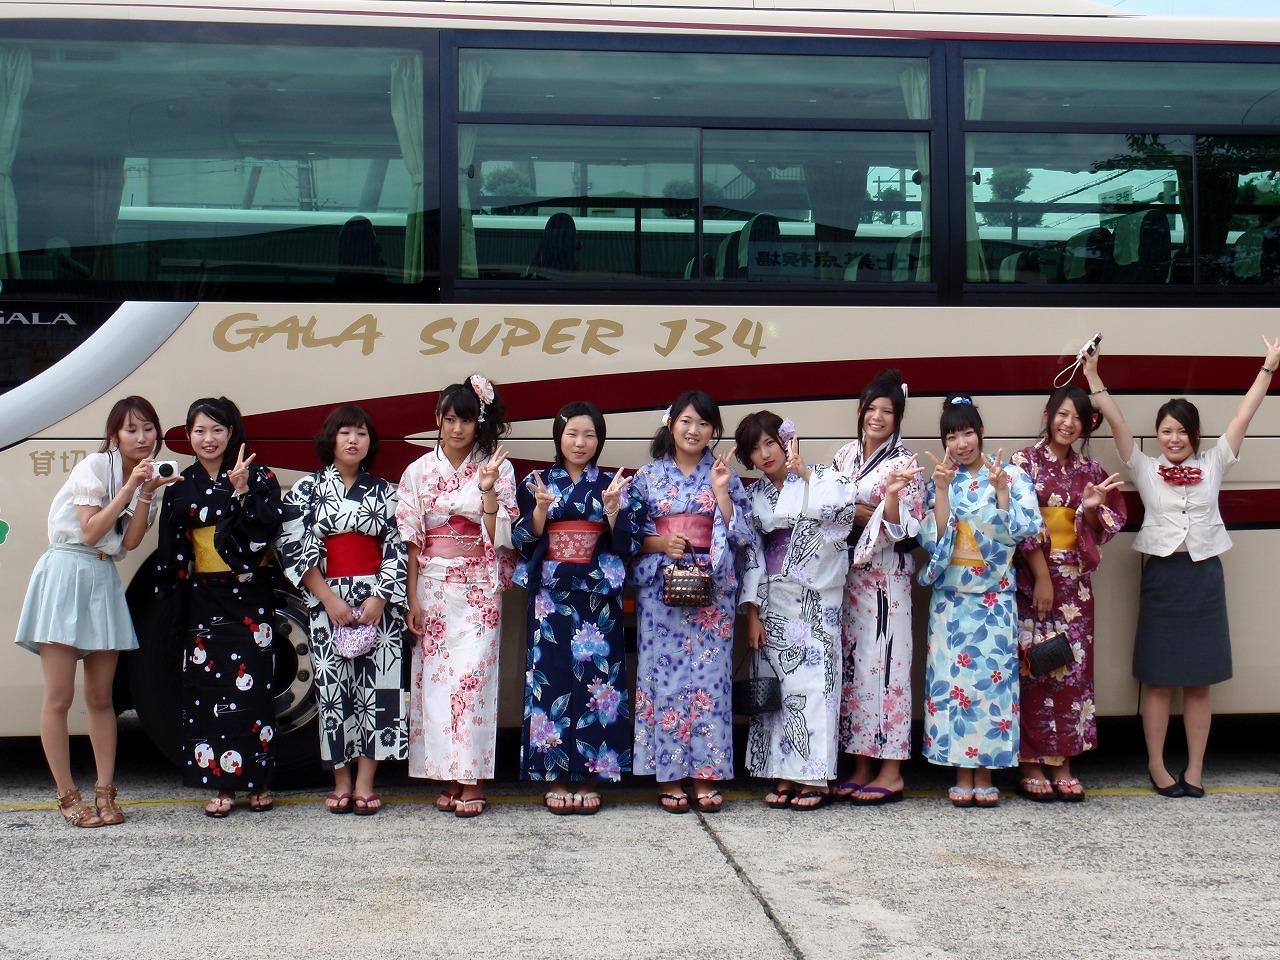 新人バスガイド研修中のタイトスカート盗撮エロ画像10枚目